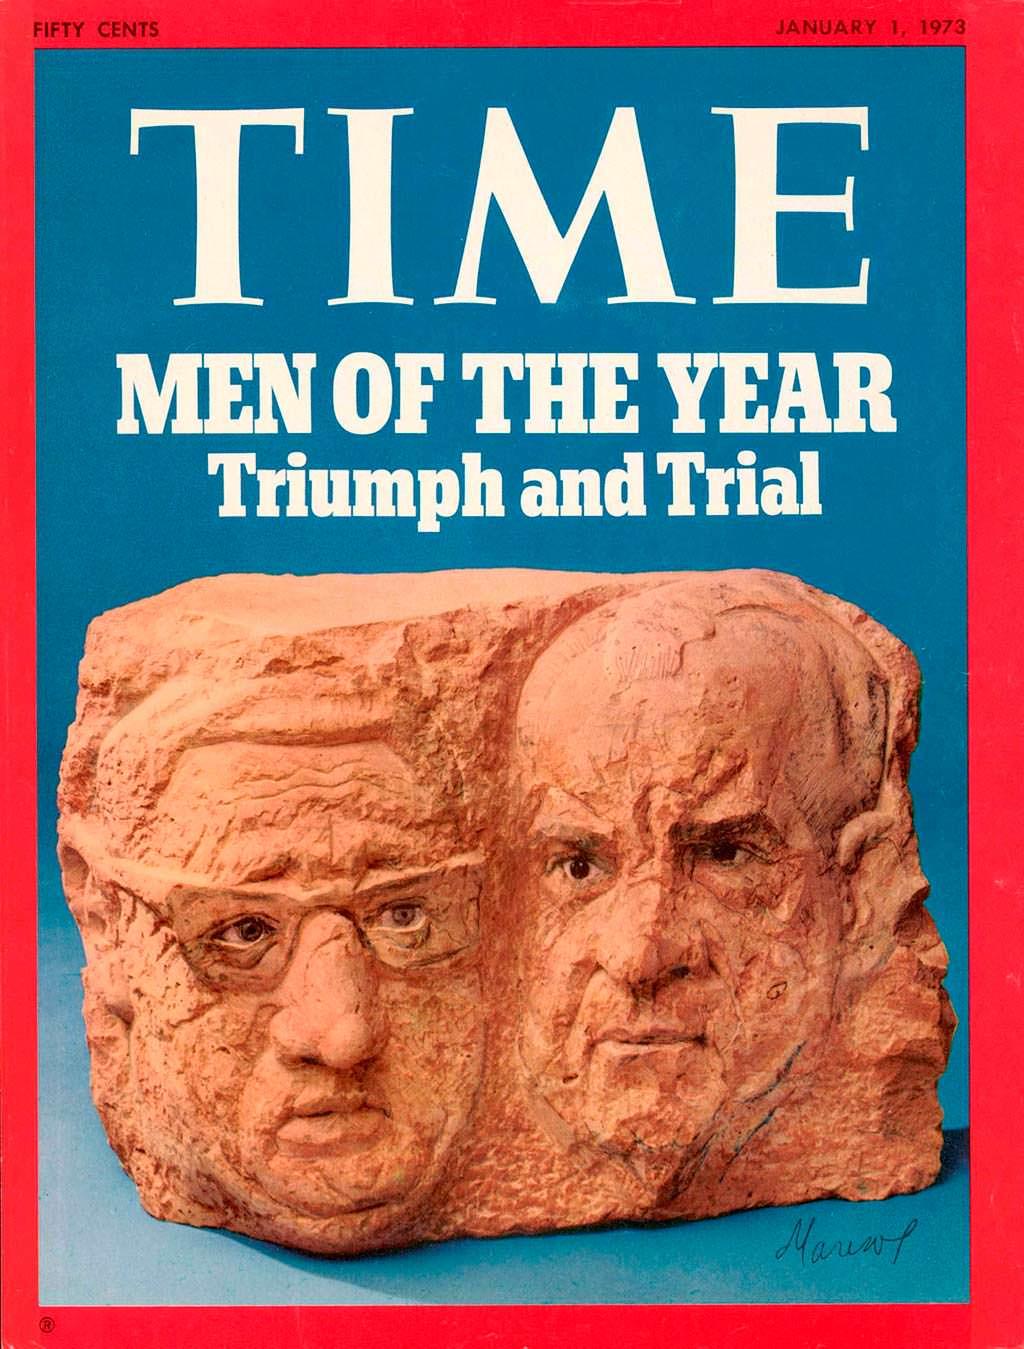 1972 год. Ричард Никсон и Генри Киссинджер на обложке Time